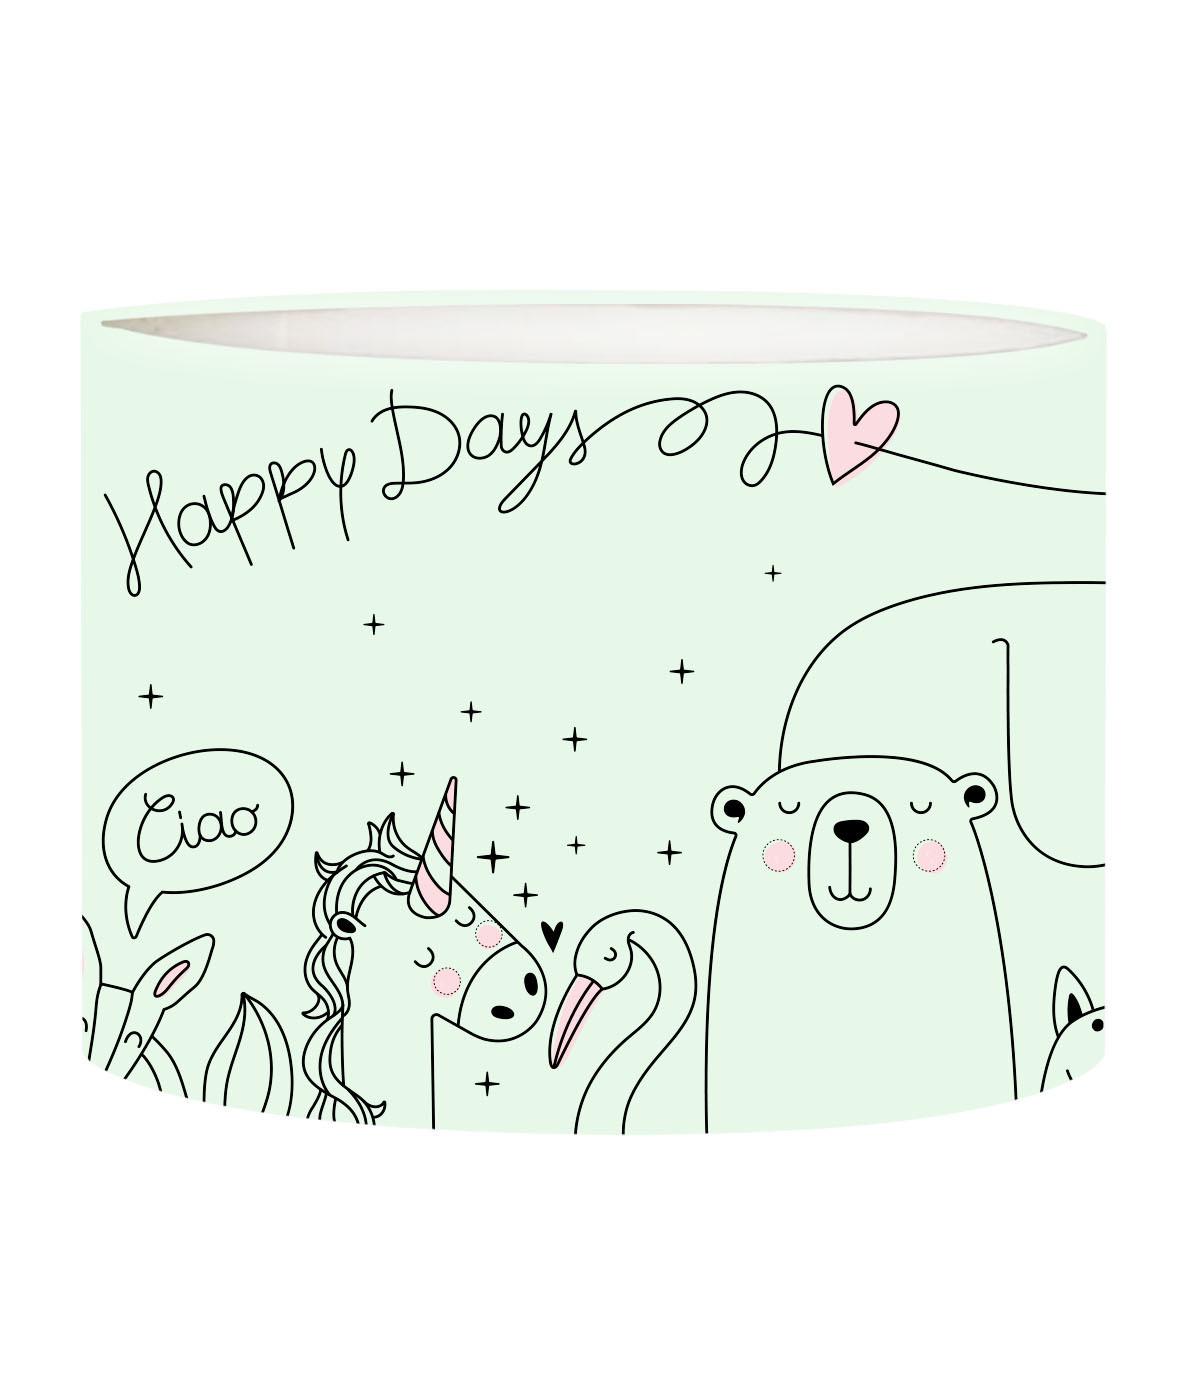 Abat-jour lampadaire enfant Happydays Vert Pastel D 45 x H 25